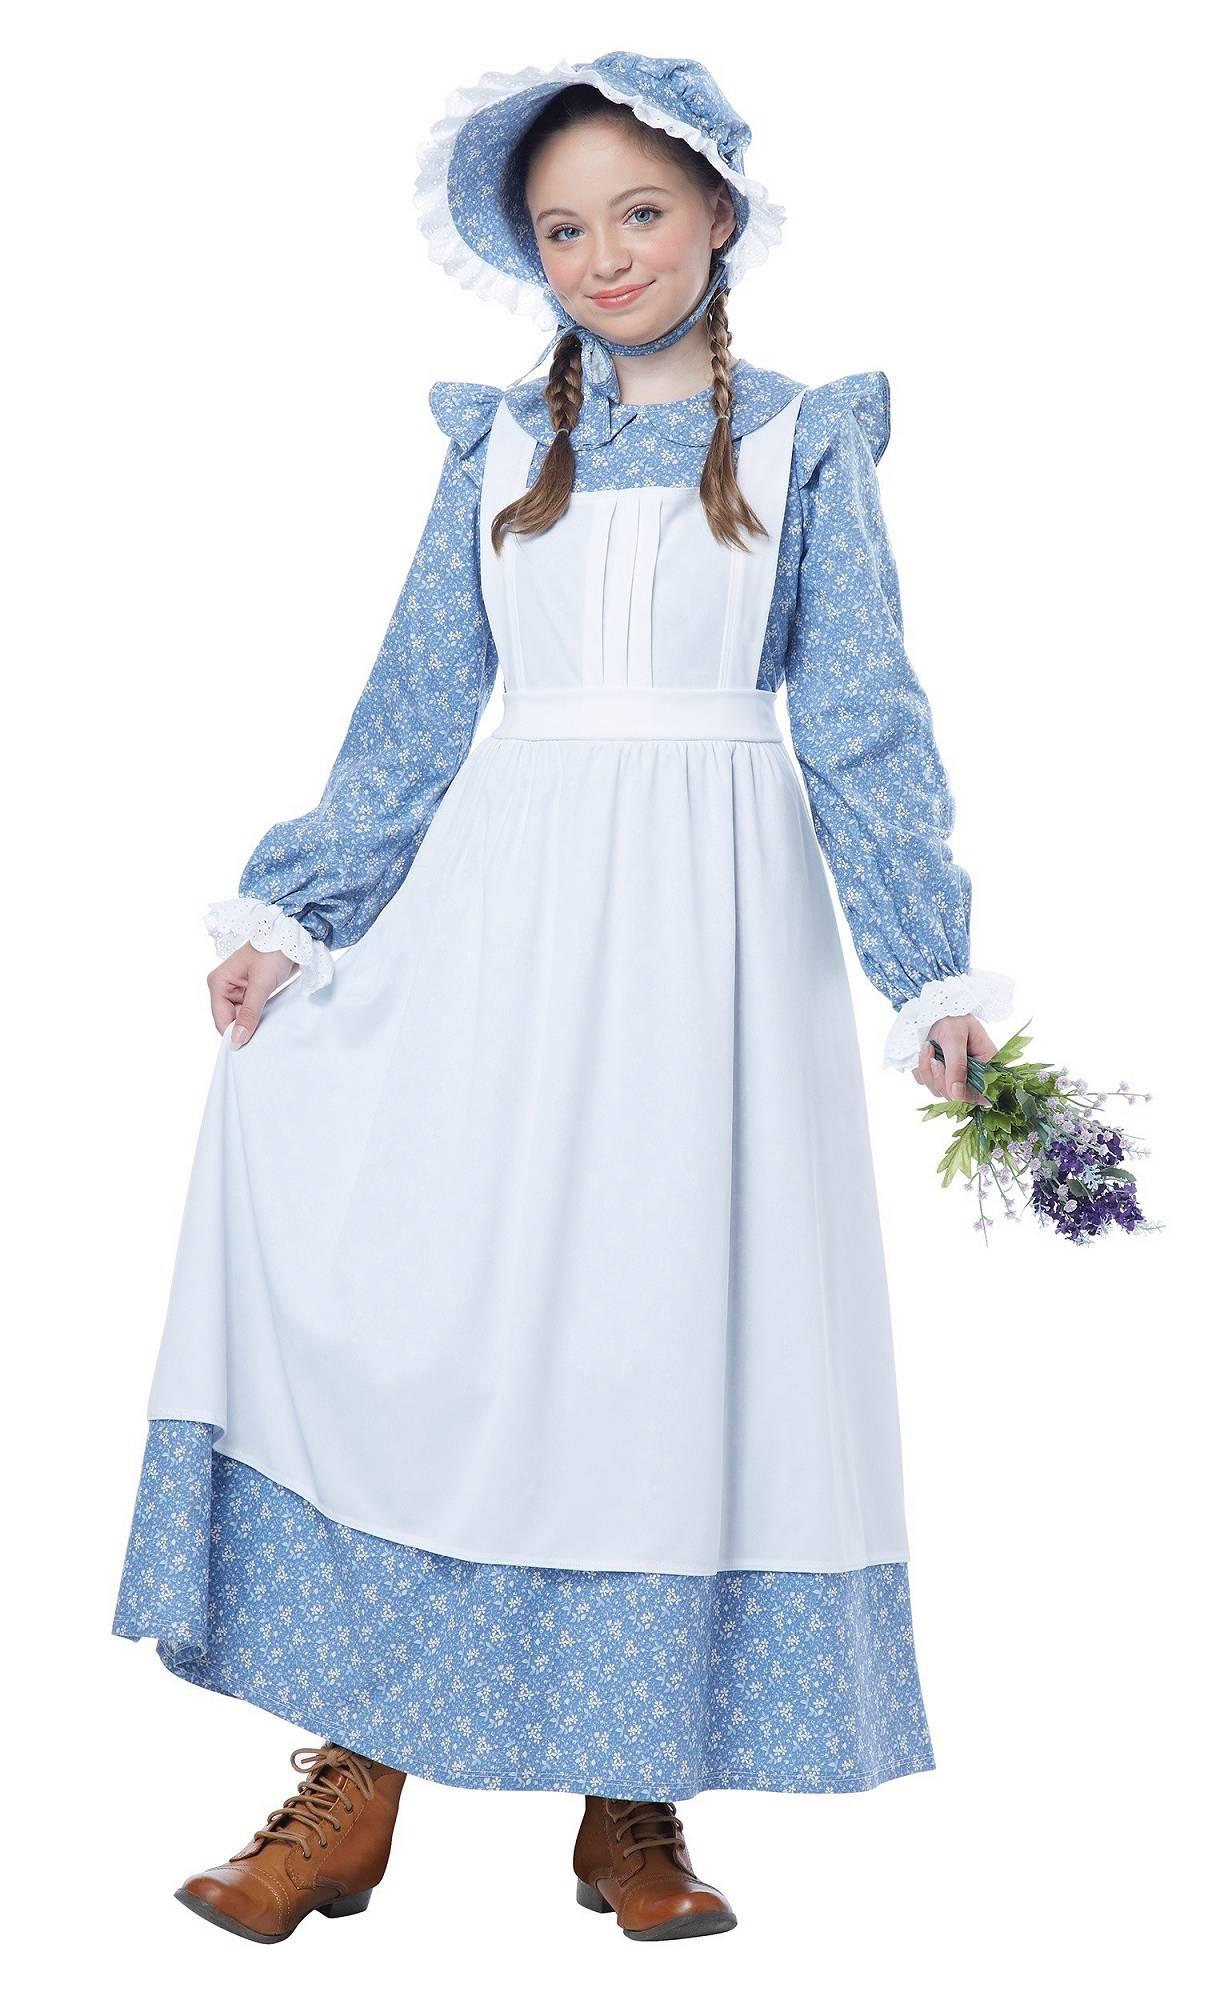 Costume-Fille-Prairie